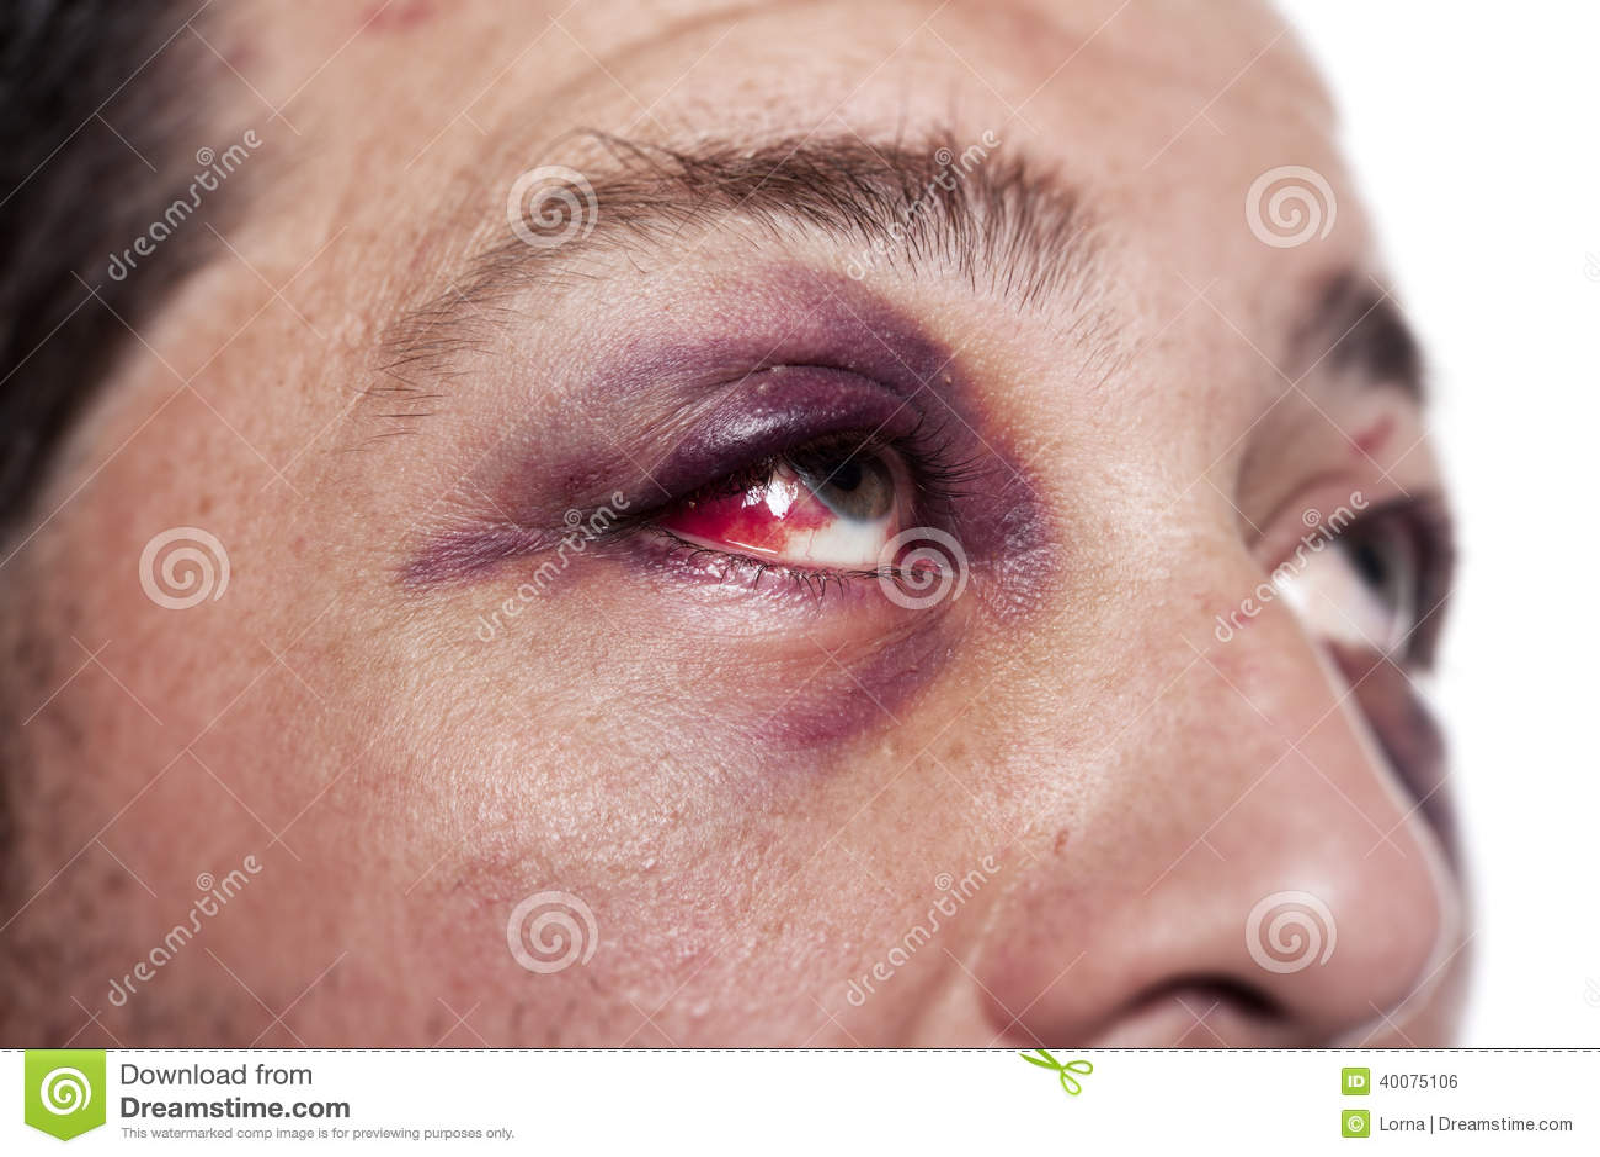 Comme clarifier les yeux battus bleus